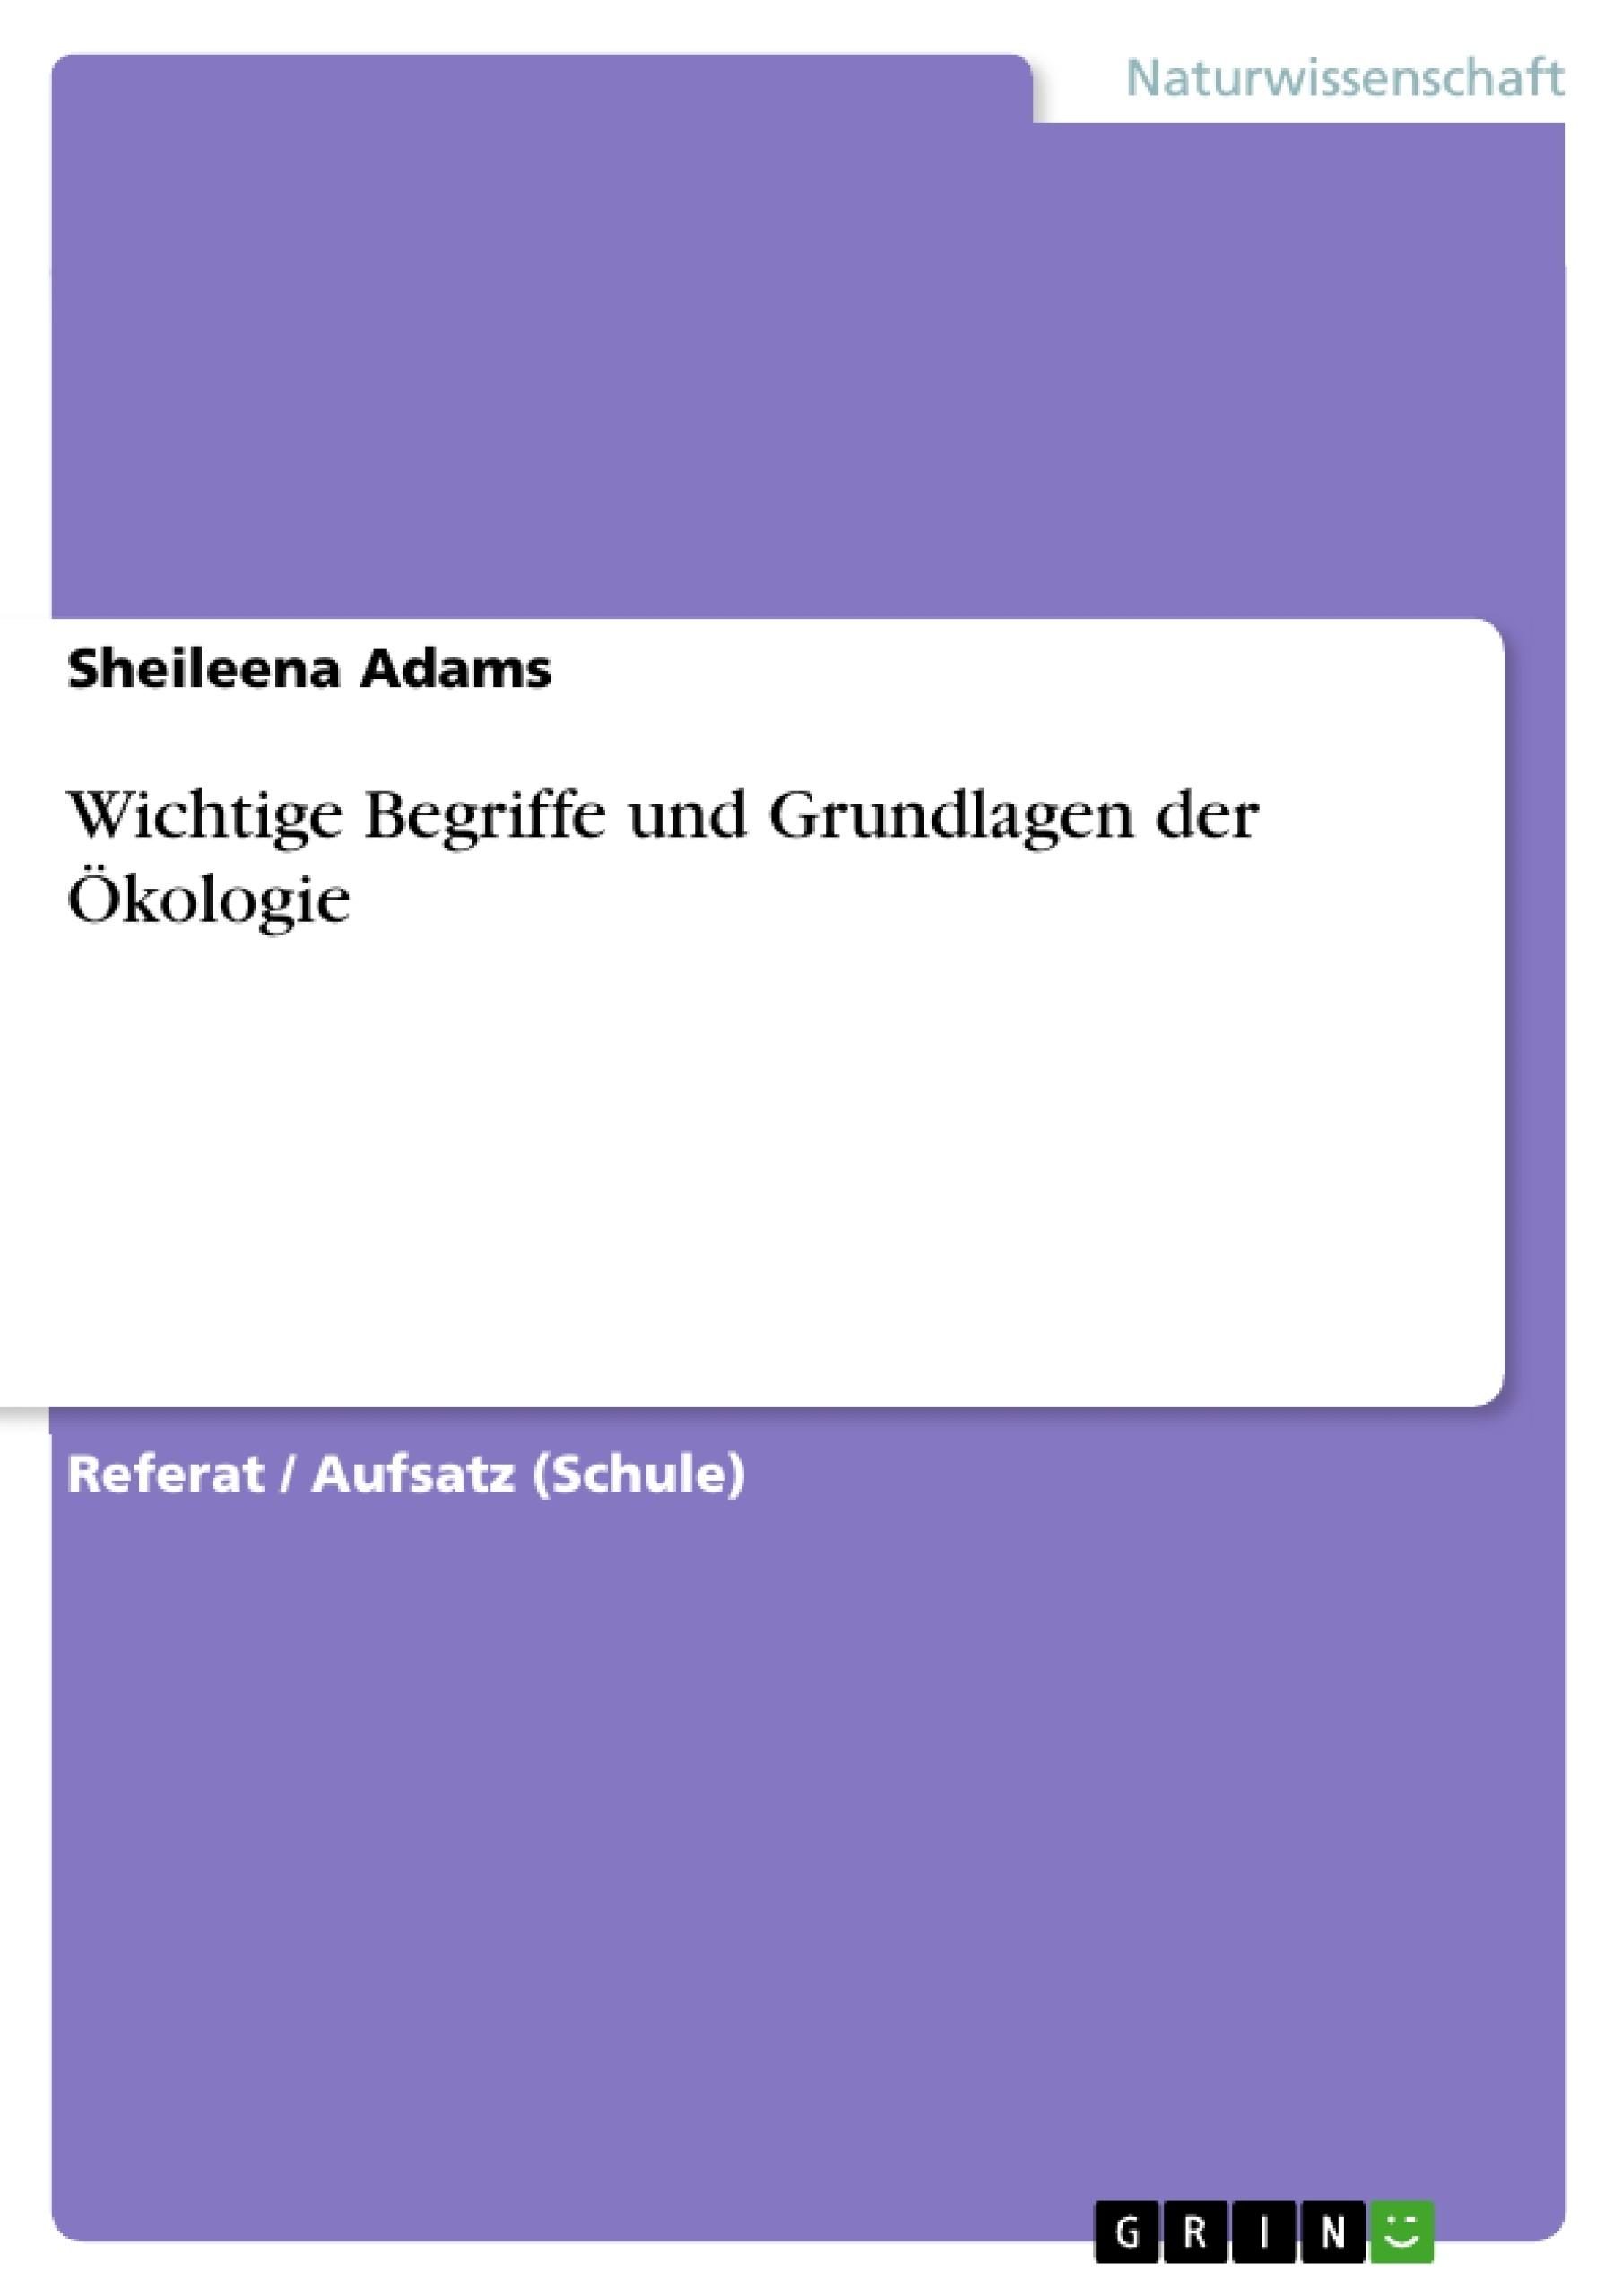 Titel: Wichtige Begriffe und Grundlagen der Ökologie